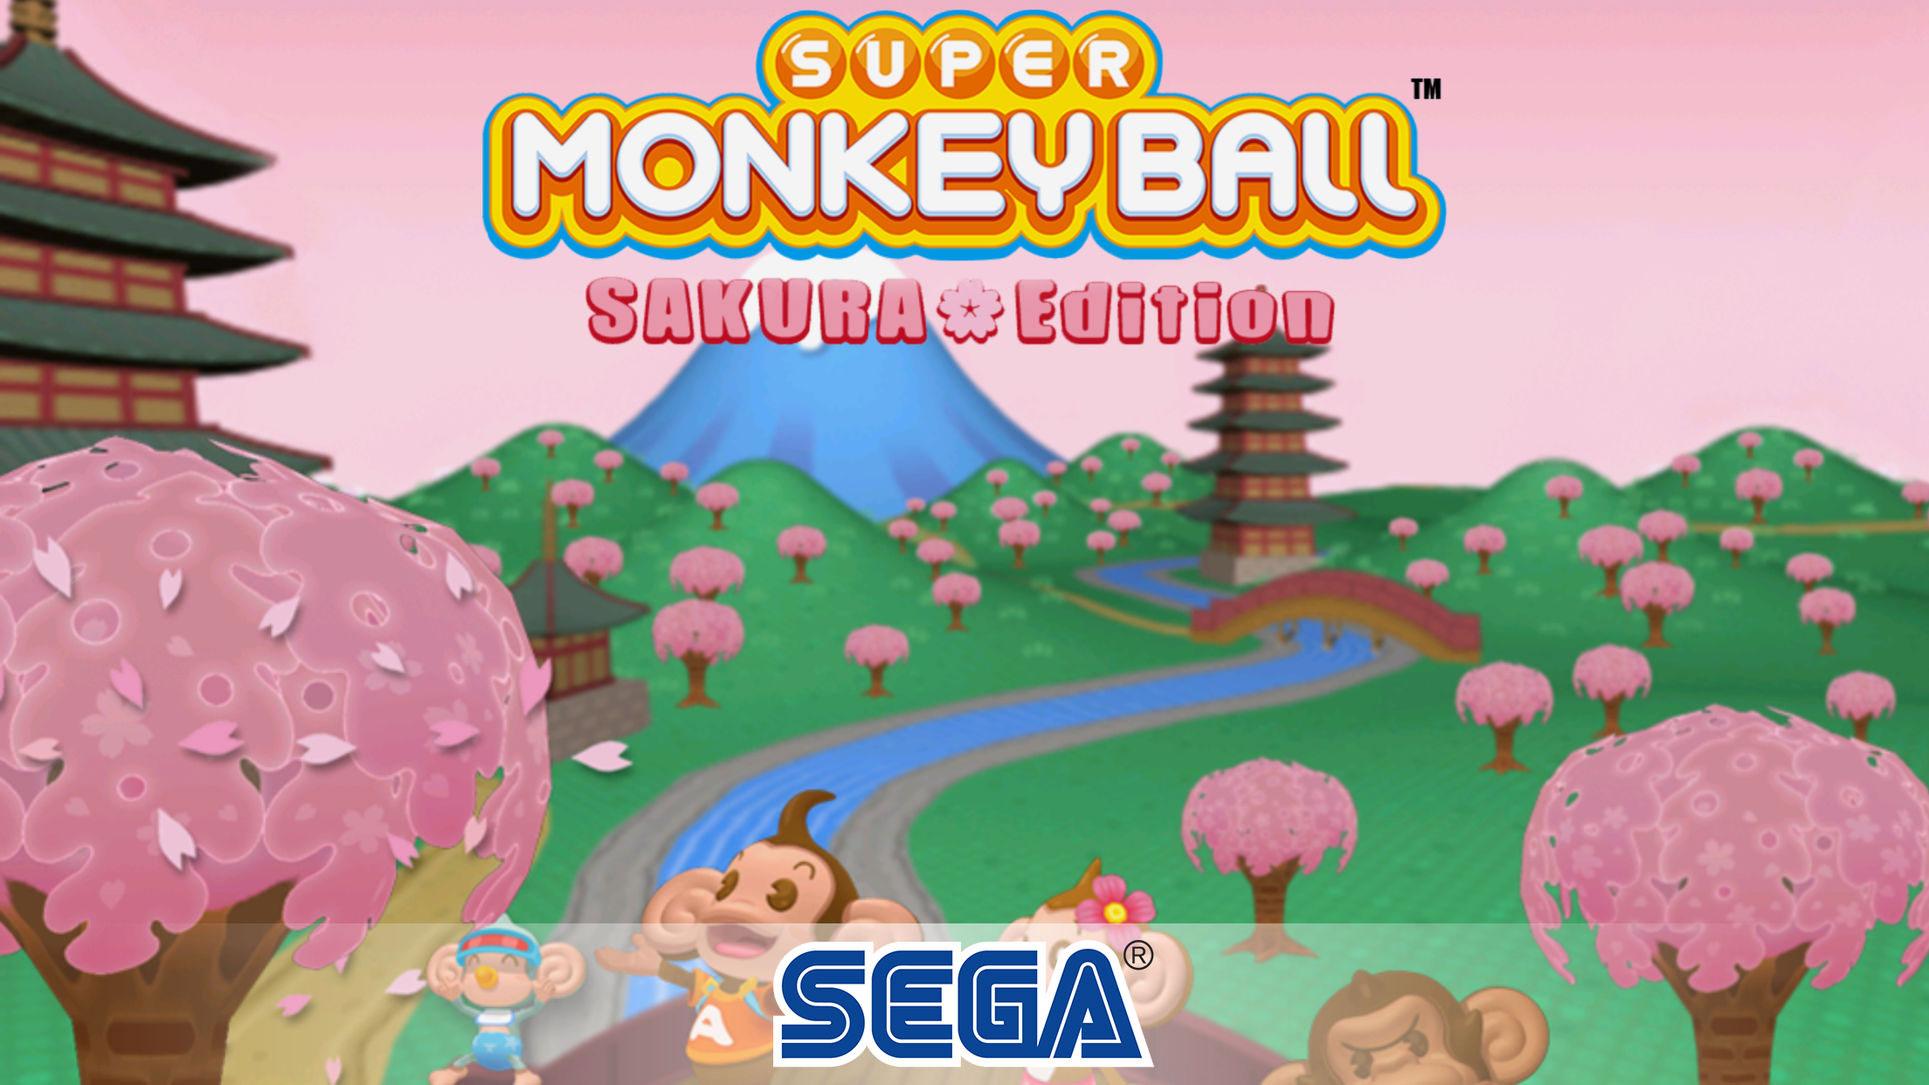 Super Monkey Ball 2: Sakura